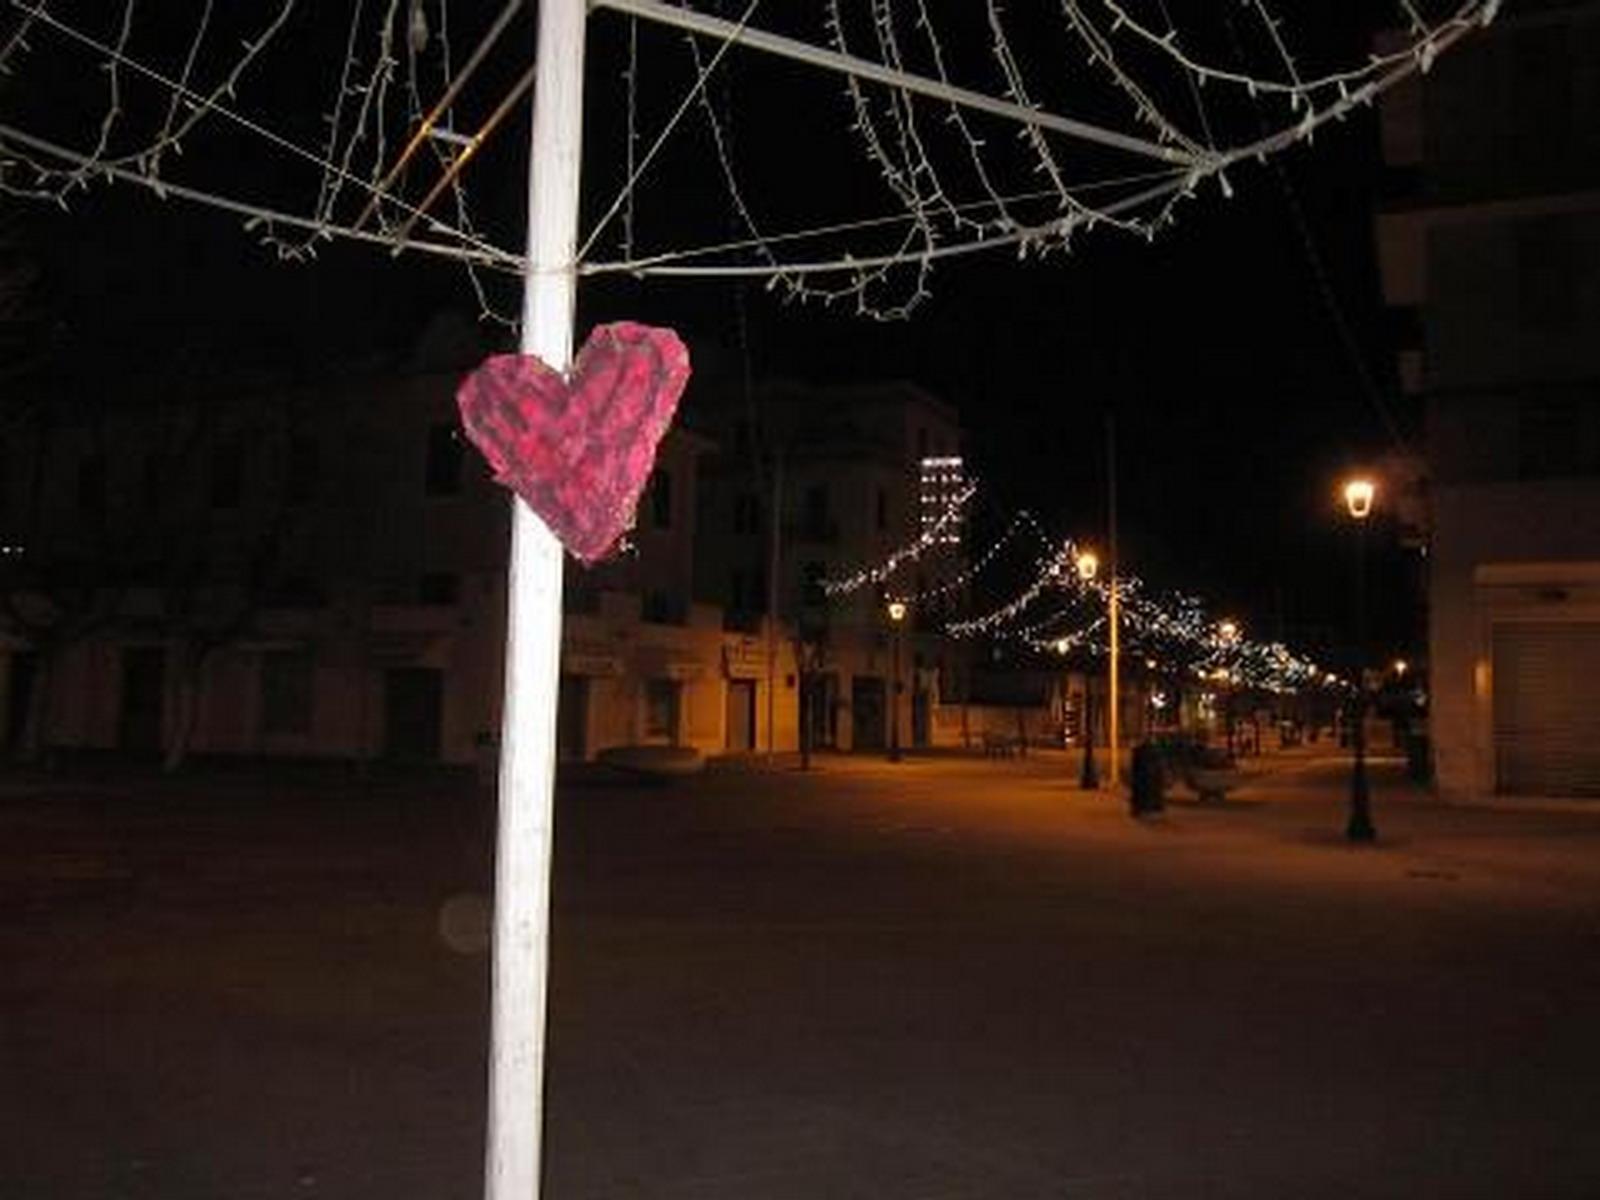 13 municipio Roma capitale-piazza anco marzio